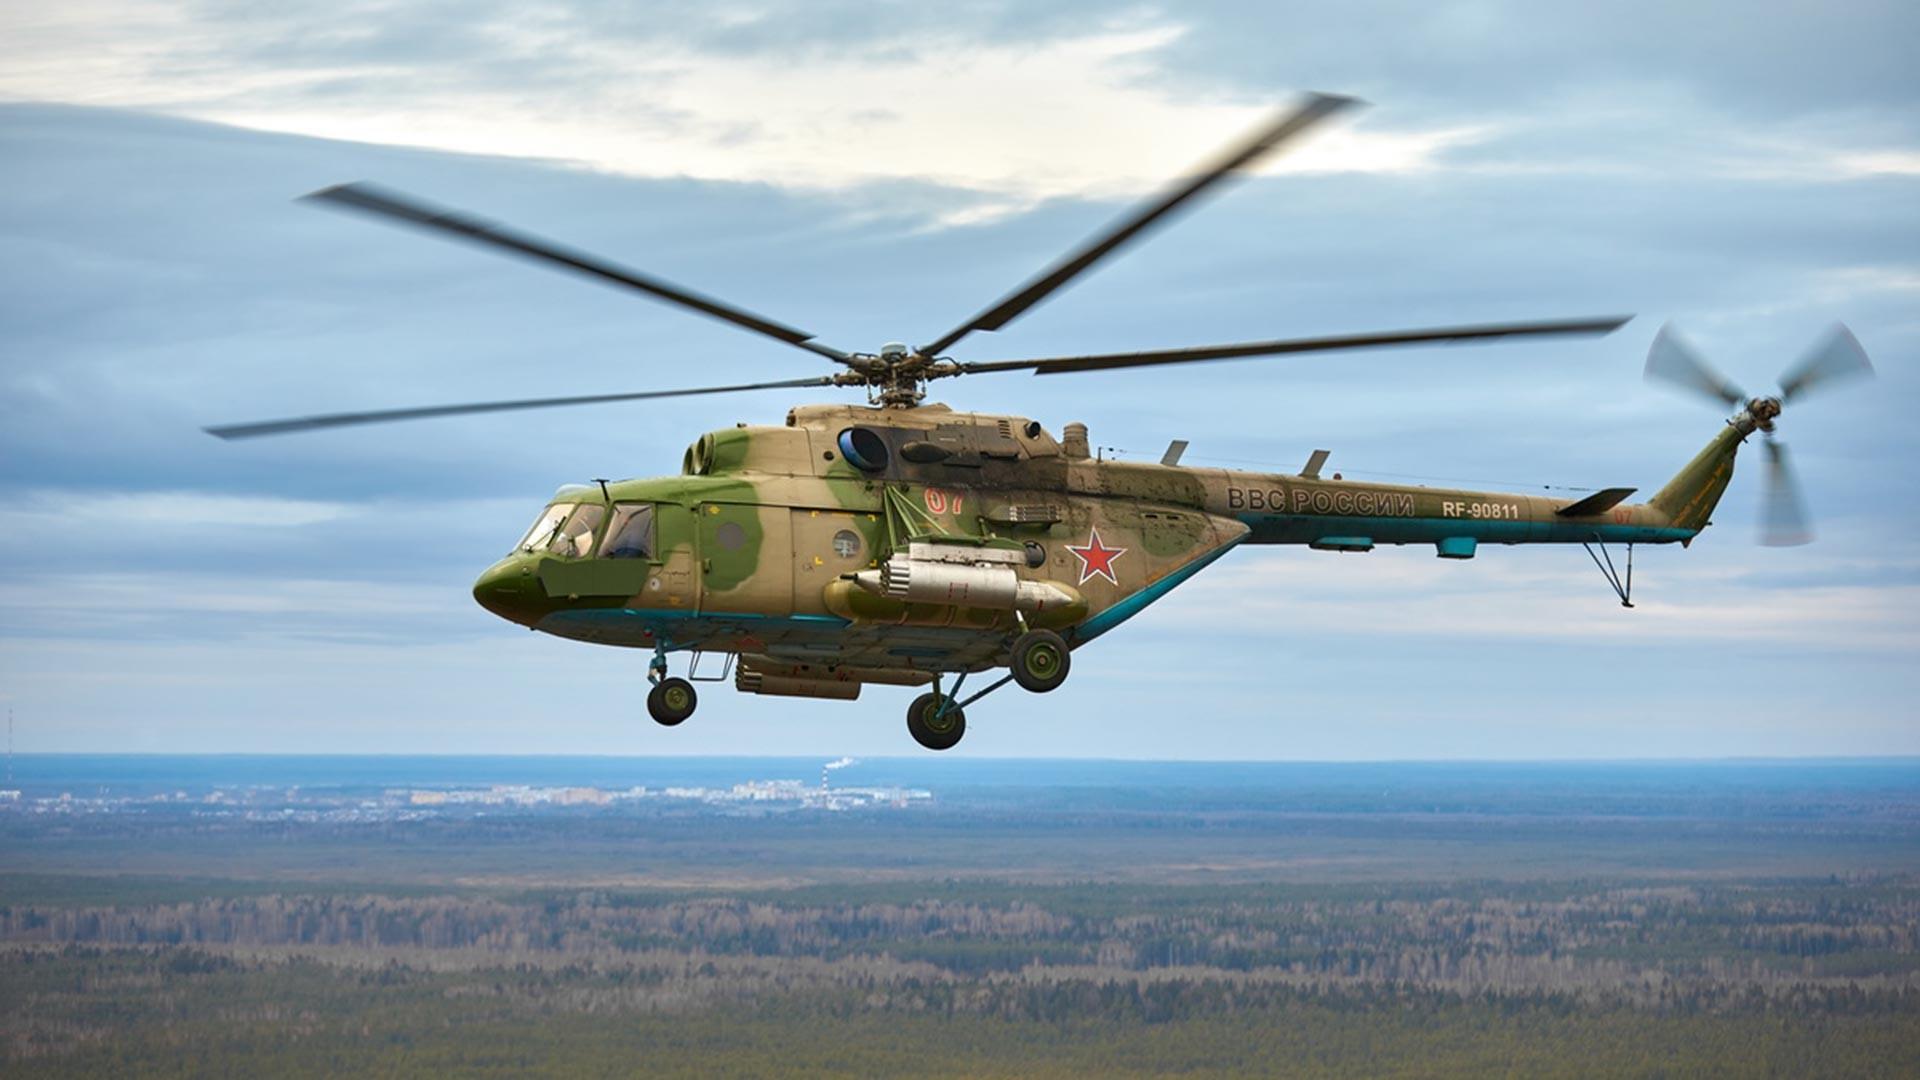 Helikopter Mi-8 milik Satuan Angkatan Udara dan Pertahanan Udara Leningrad selama salah satu tahapan kompetisi Aviadarts 2020.